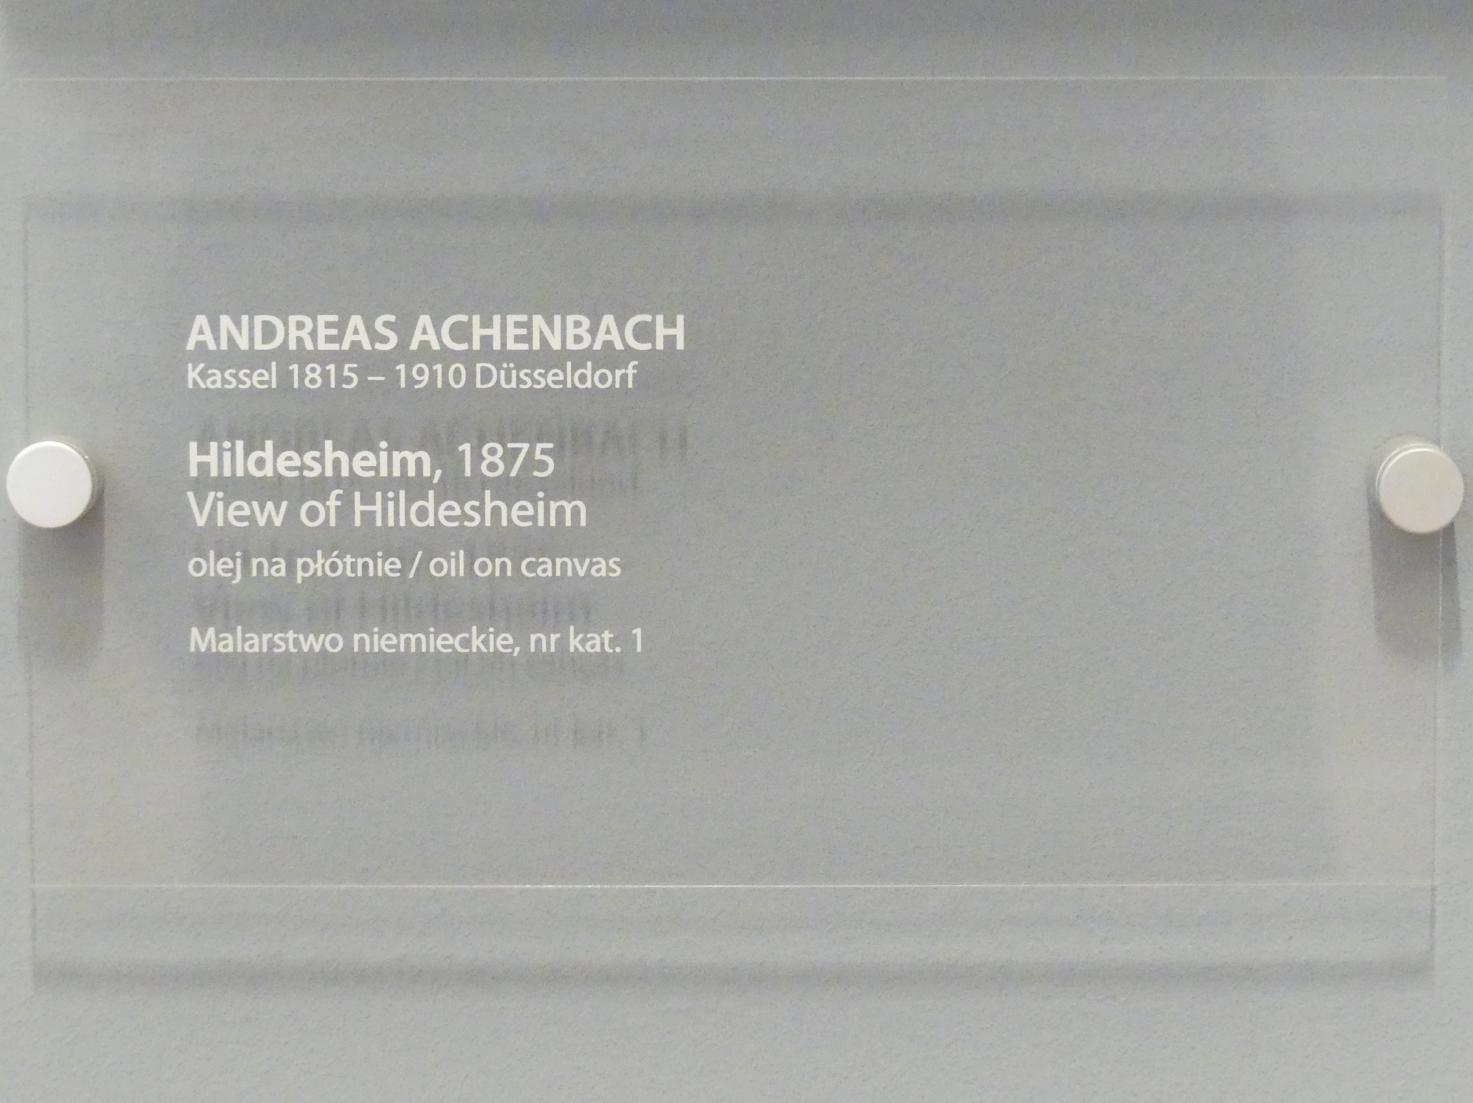 Andreas Achenbach: Blick auf Hildesheim, 1875, Bild 2/2